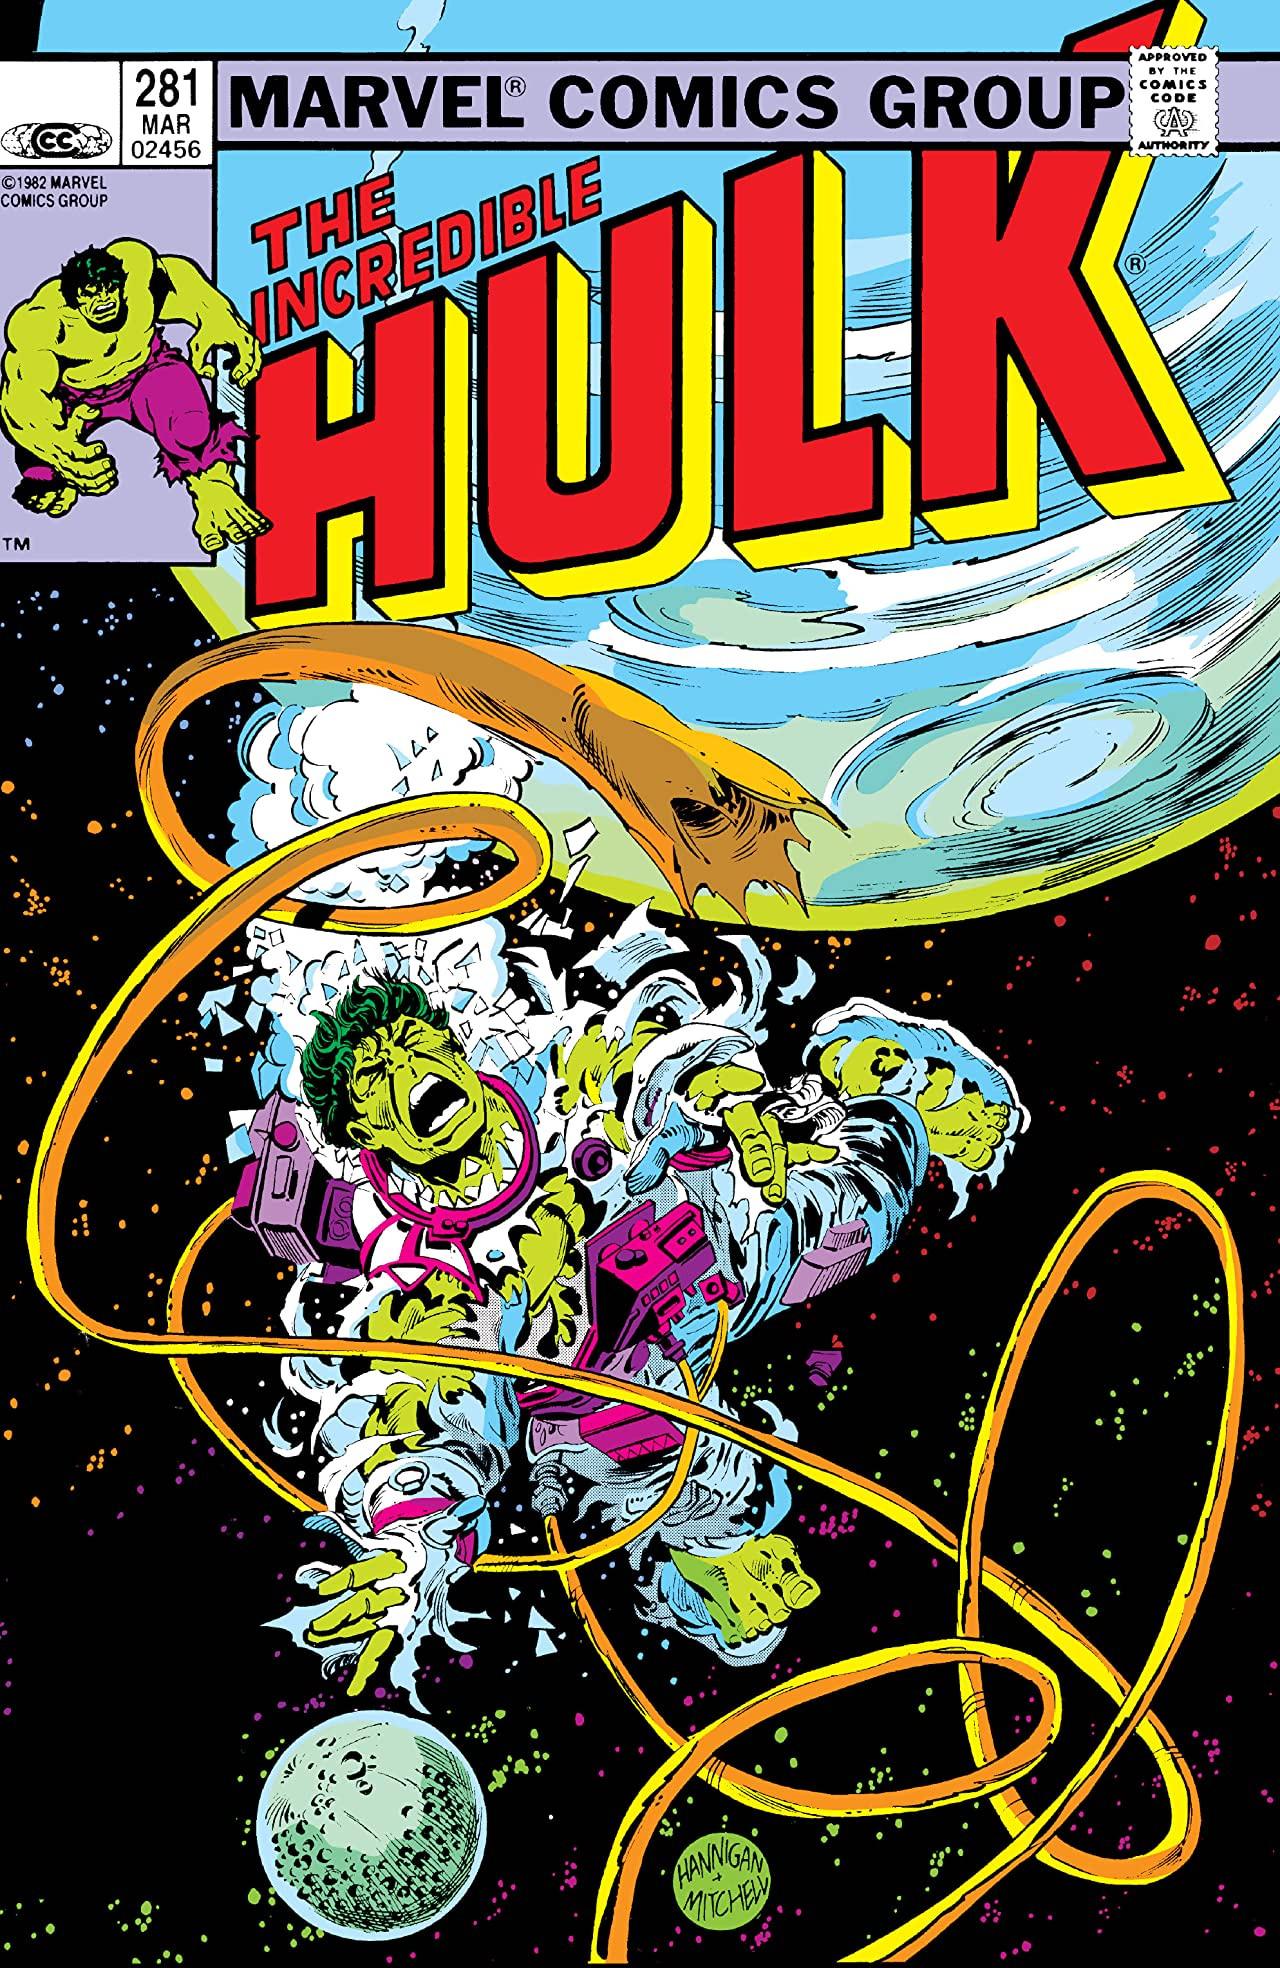 Incredible Hulk Vol 1 281